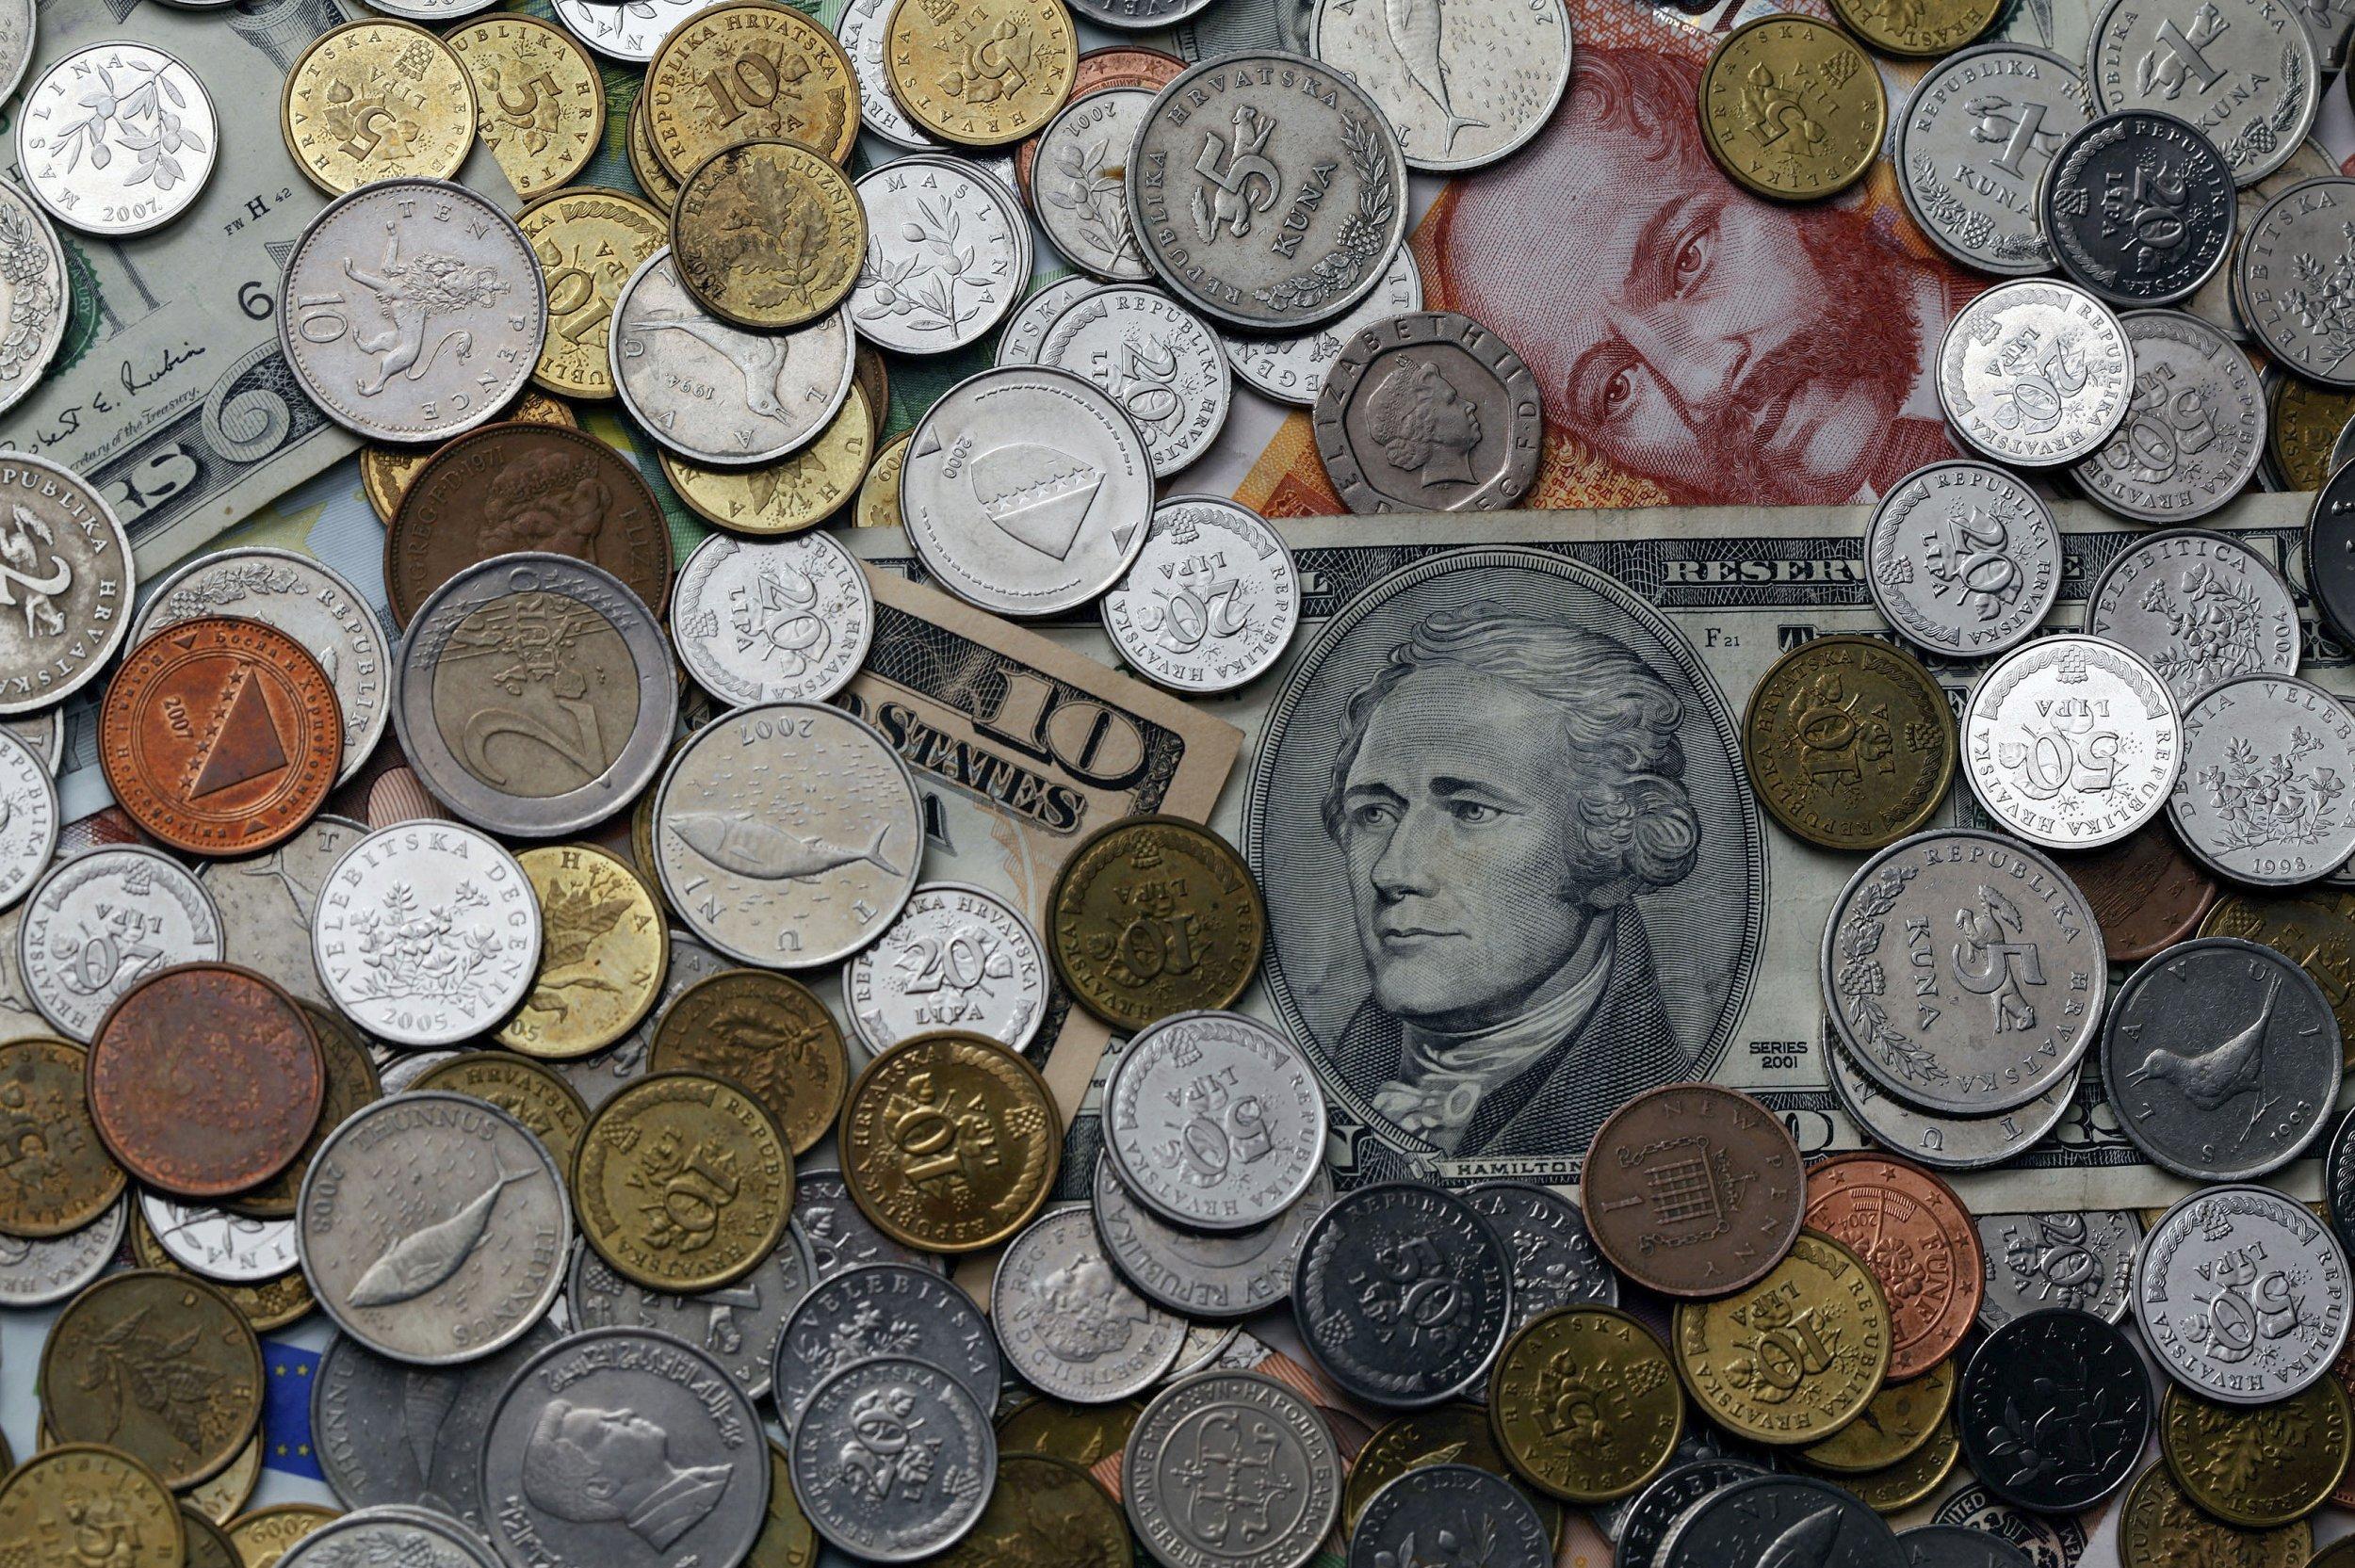 12_30_coins_01